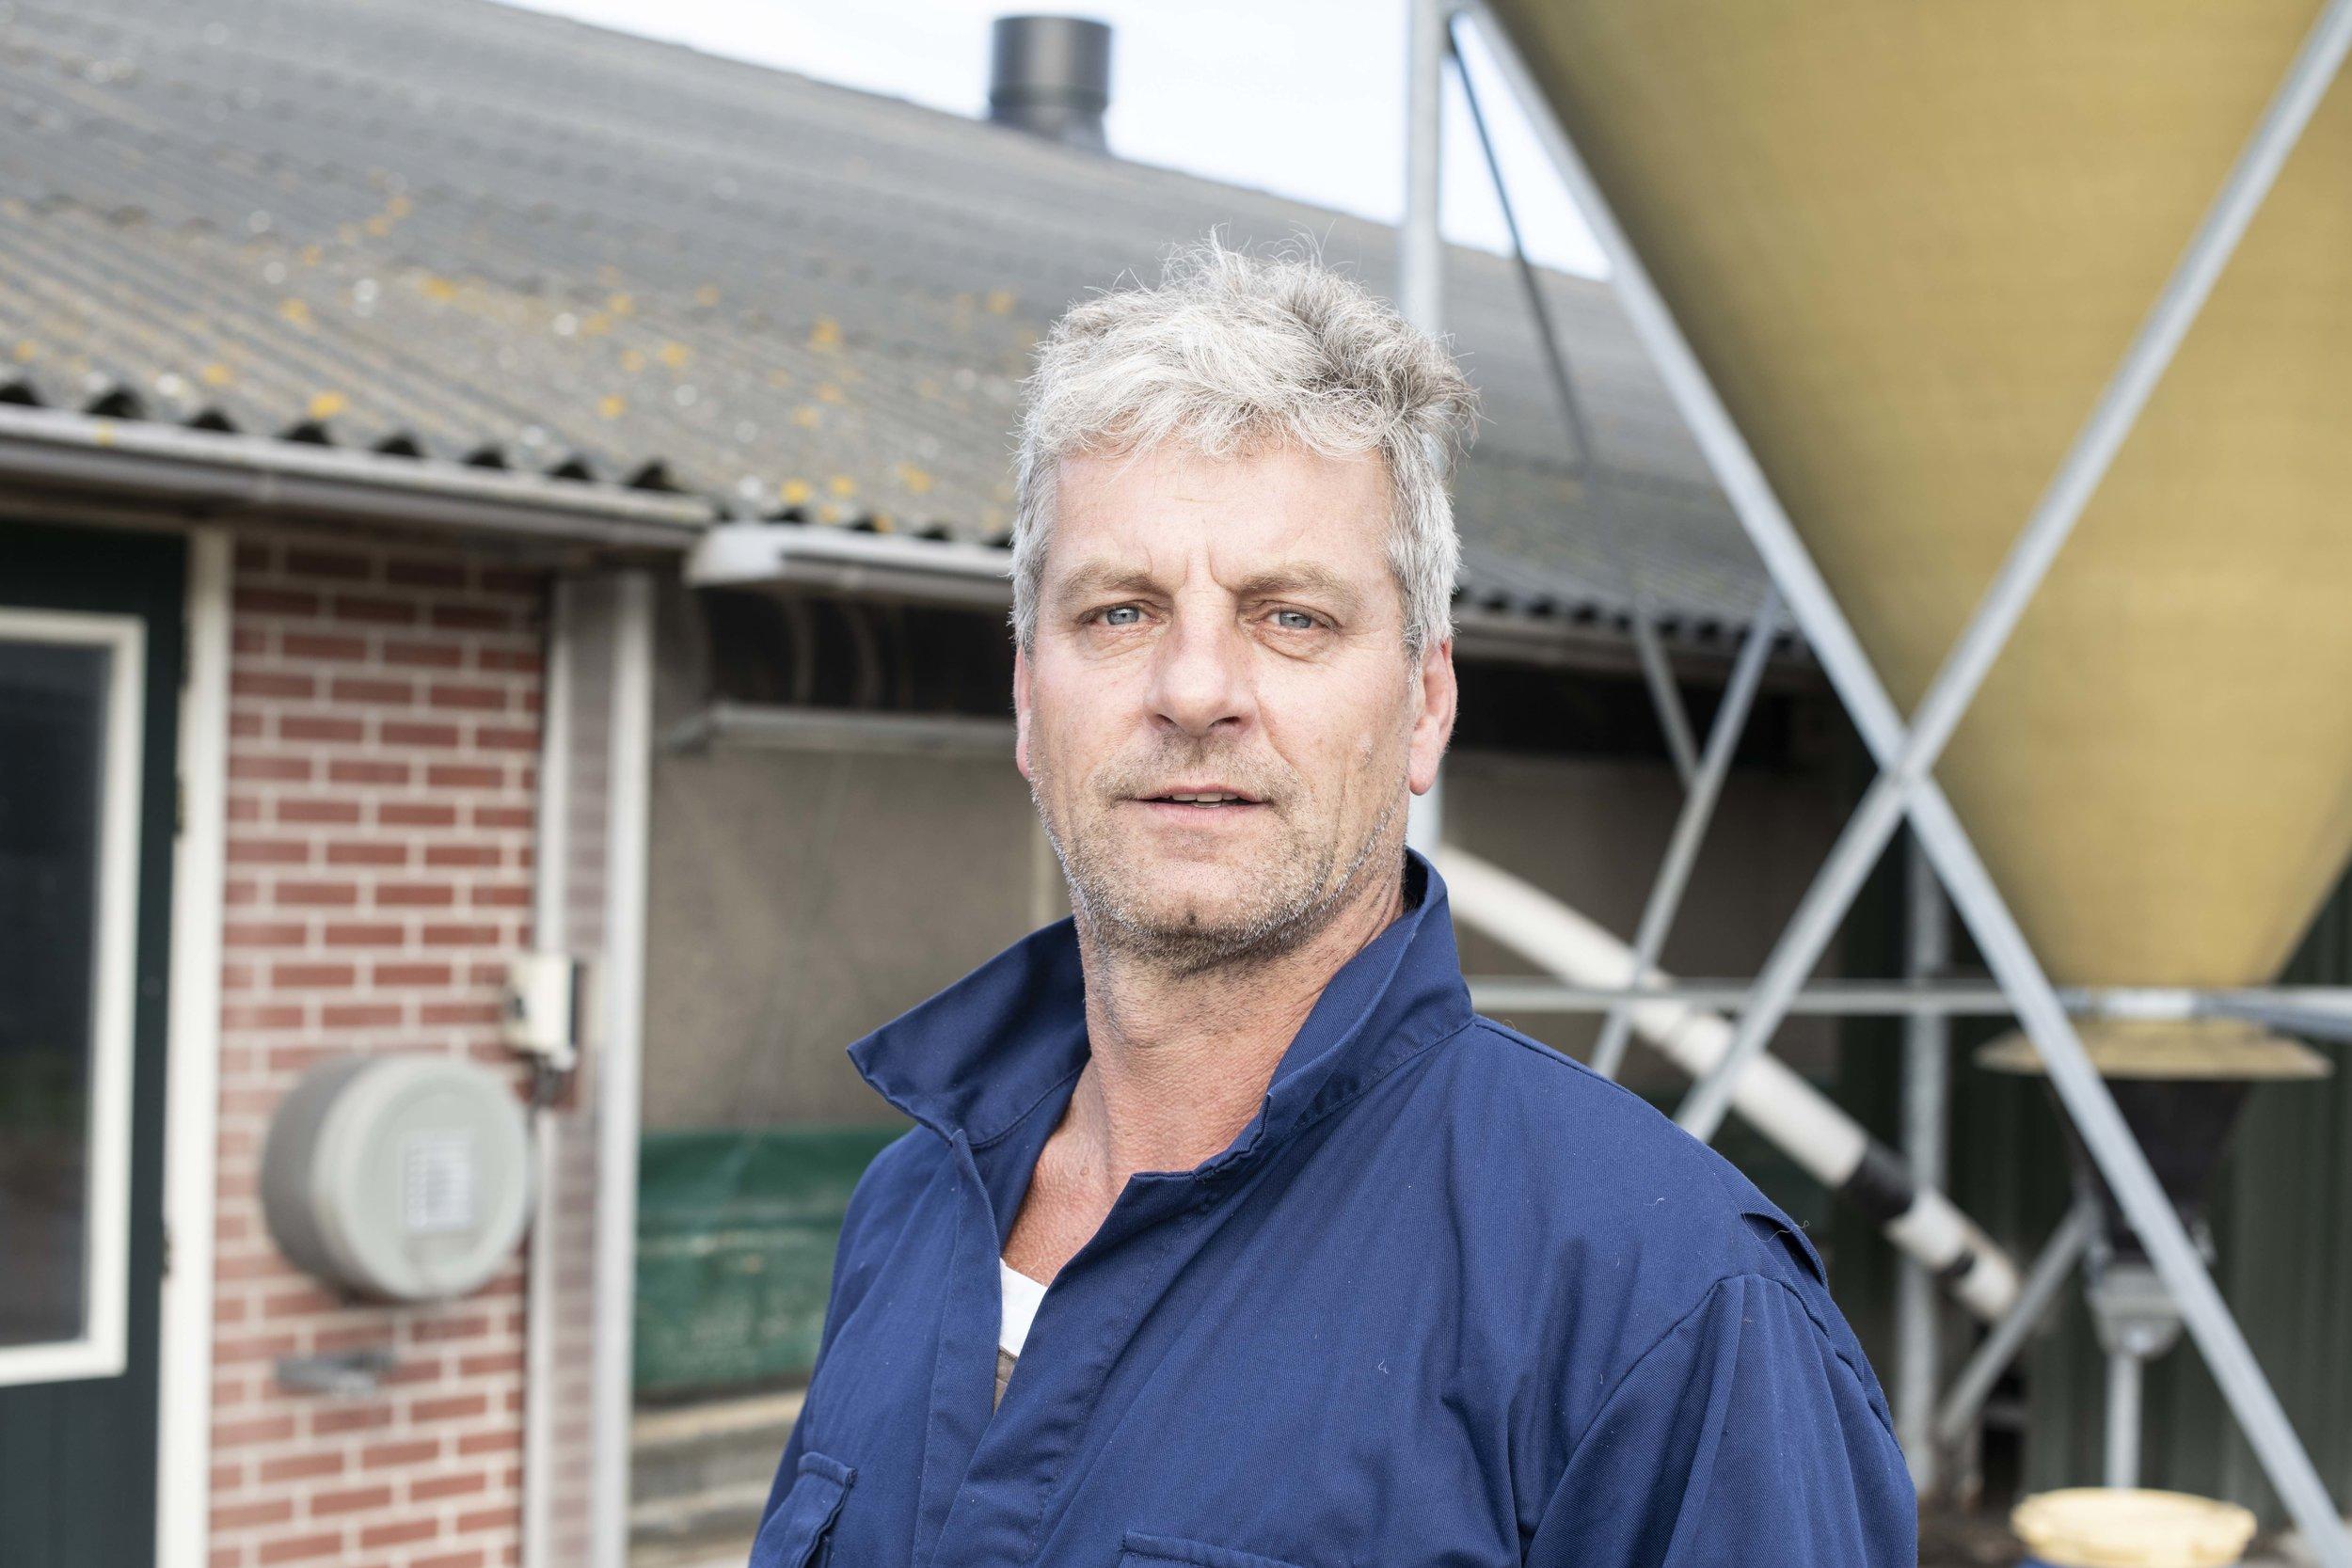 show image maaike van haaster lifestyle photography albert heijn ahold